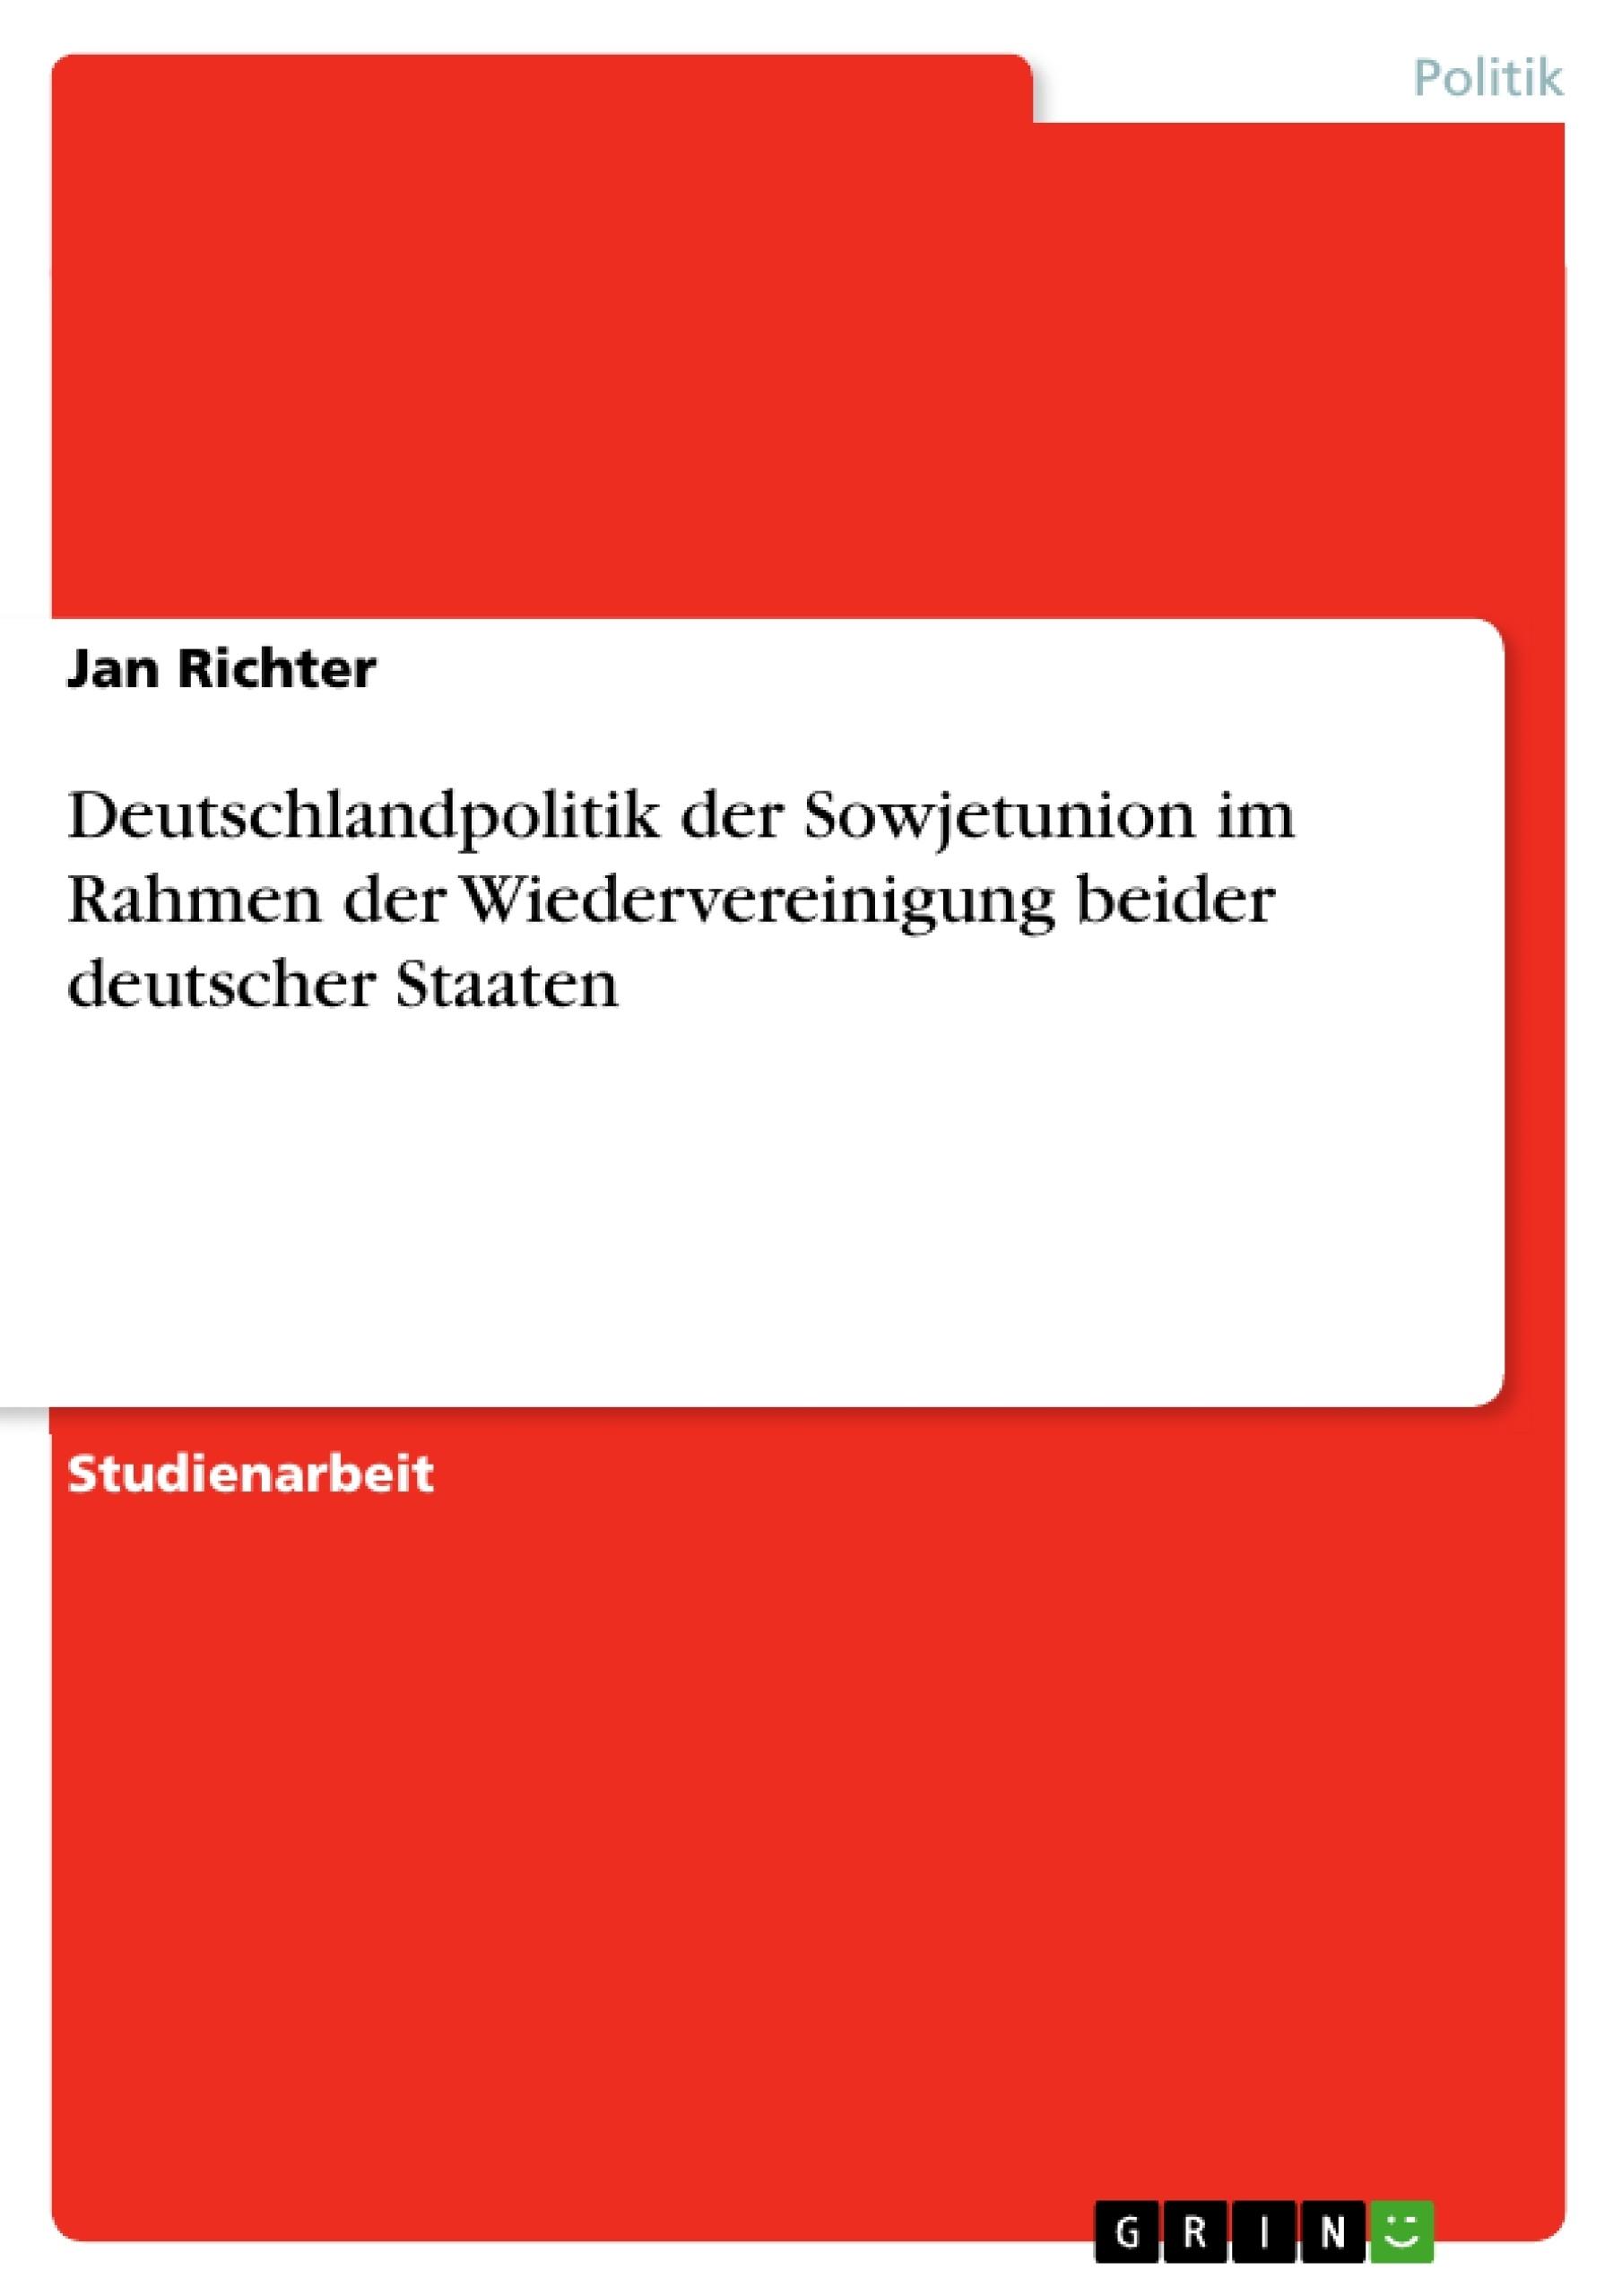 Titel: Deutschlandpolitik der Sowjetunion im Rahmen der Wiedervereinigung beider deutscher Staaten